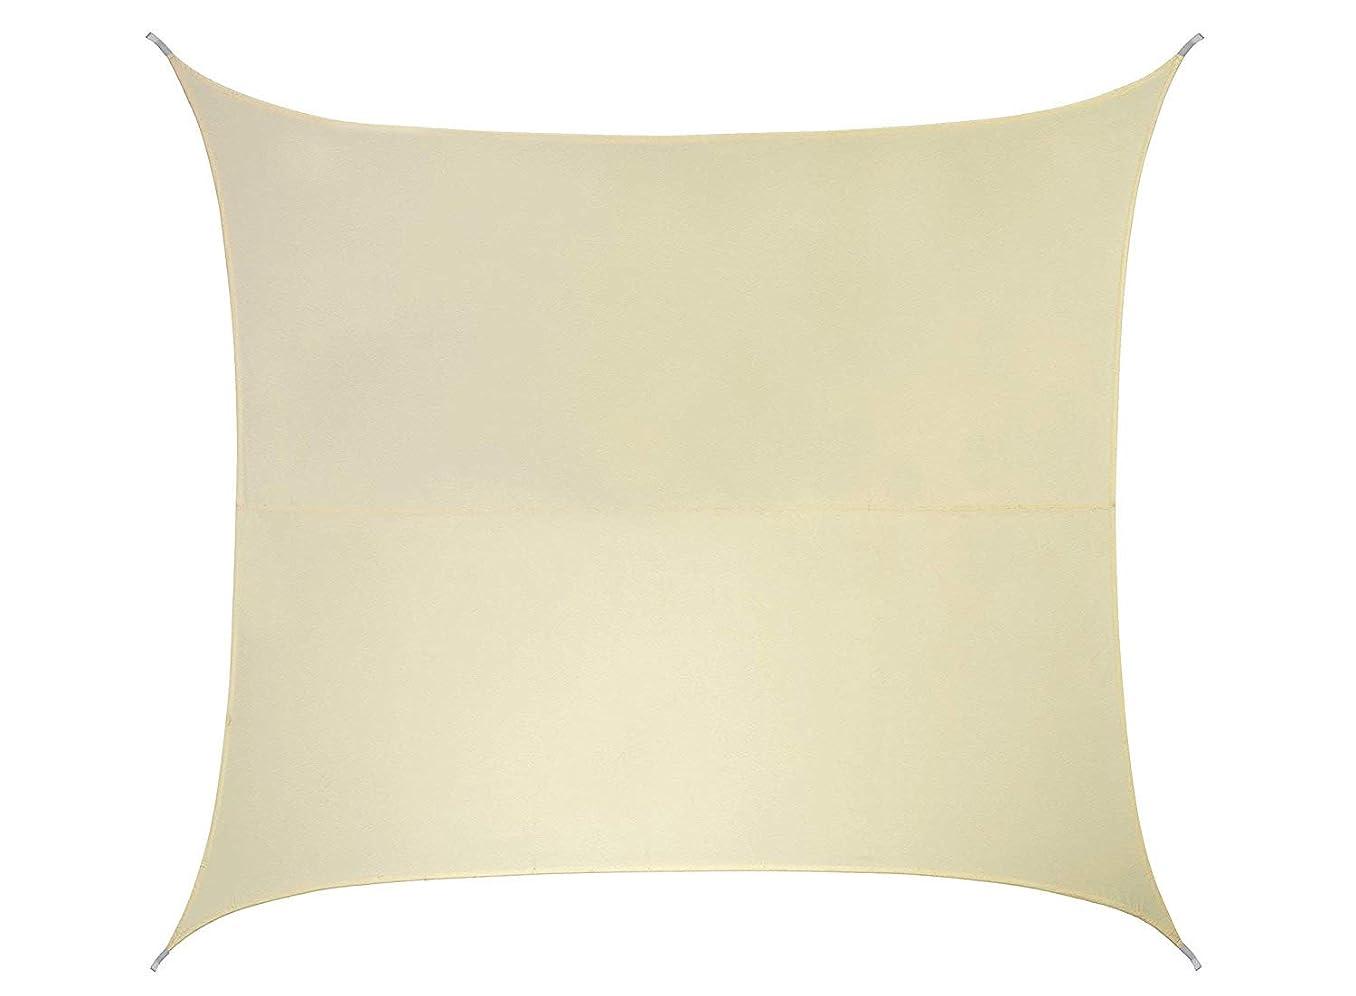 貫入仲間、同僚飢饉クッカバラ パーティセイルシェード 布帛 アイボリー 紫外線96.5%カット 耐水 (四角: 5.4 x 5.4m)